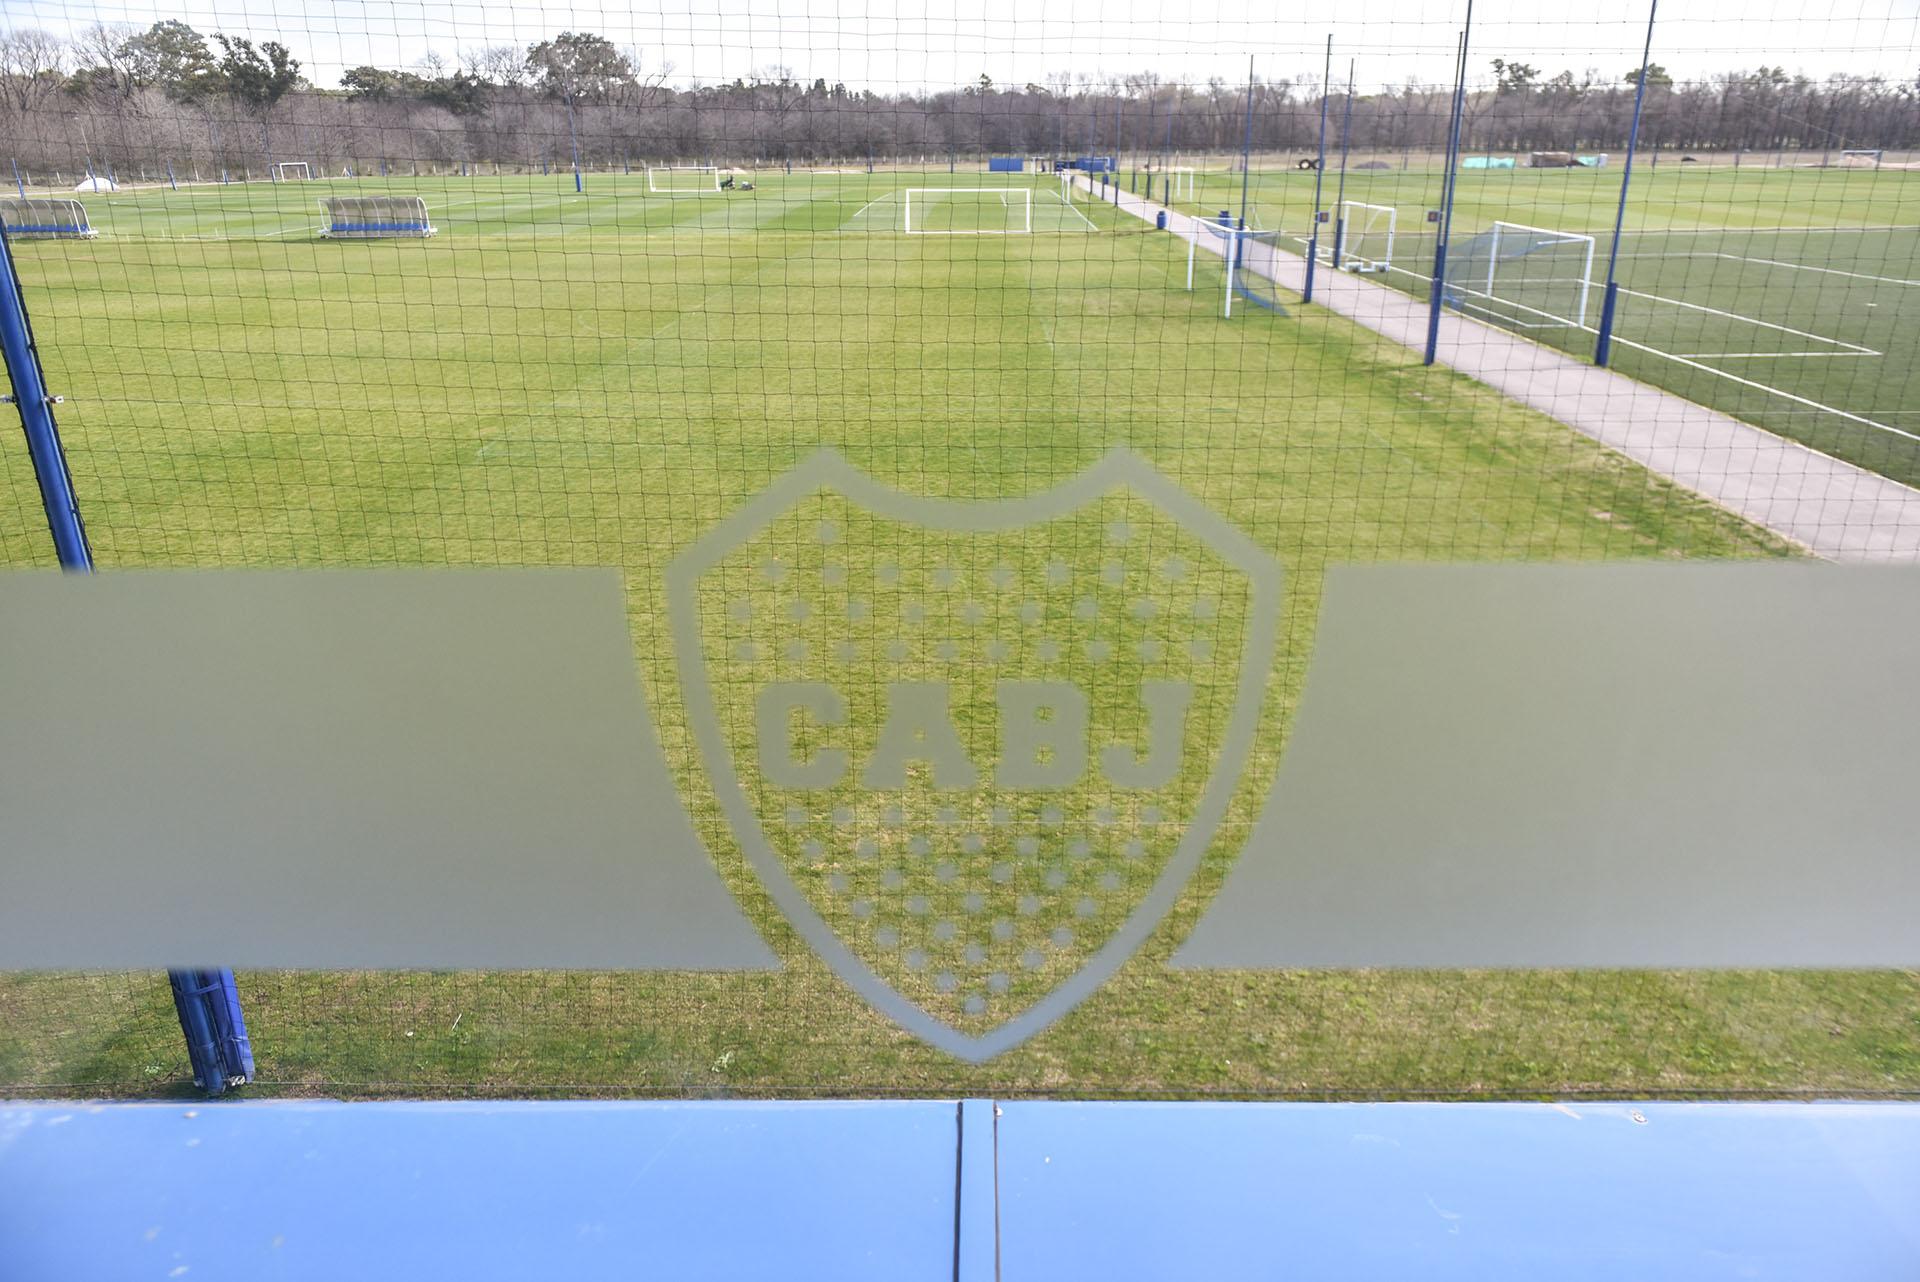 Los entrenadores y chicos de inferiores disponen de ocho canchas de 11 con césped natural para los entrenamientos y una de césped artificial (Guille Llamos)